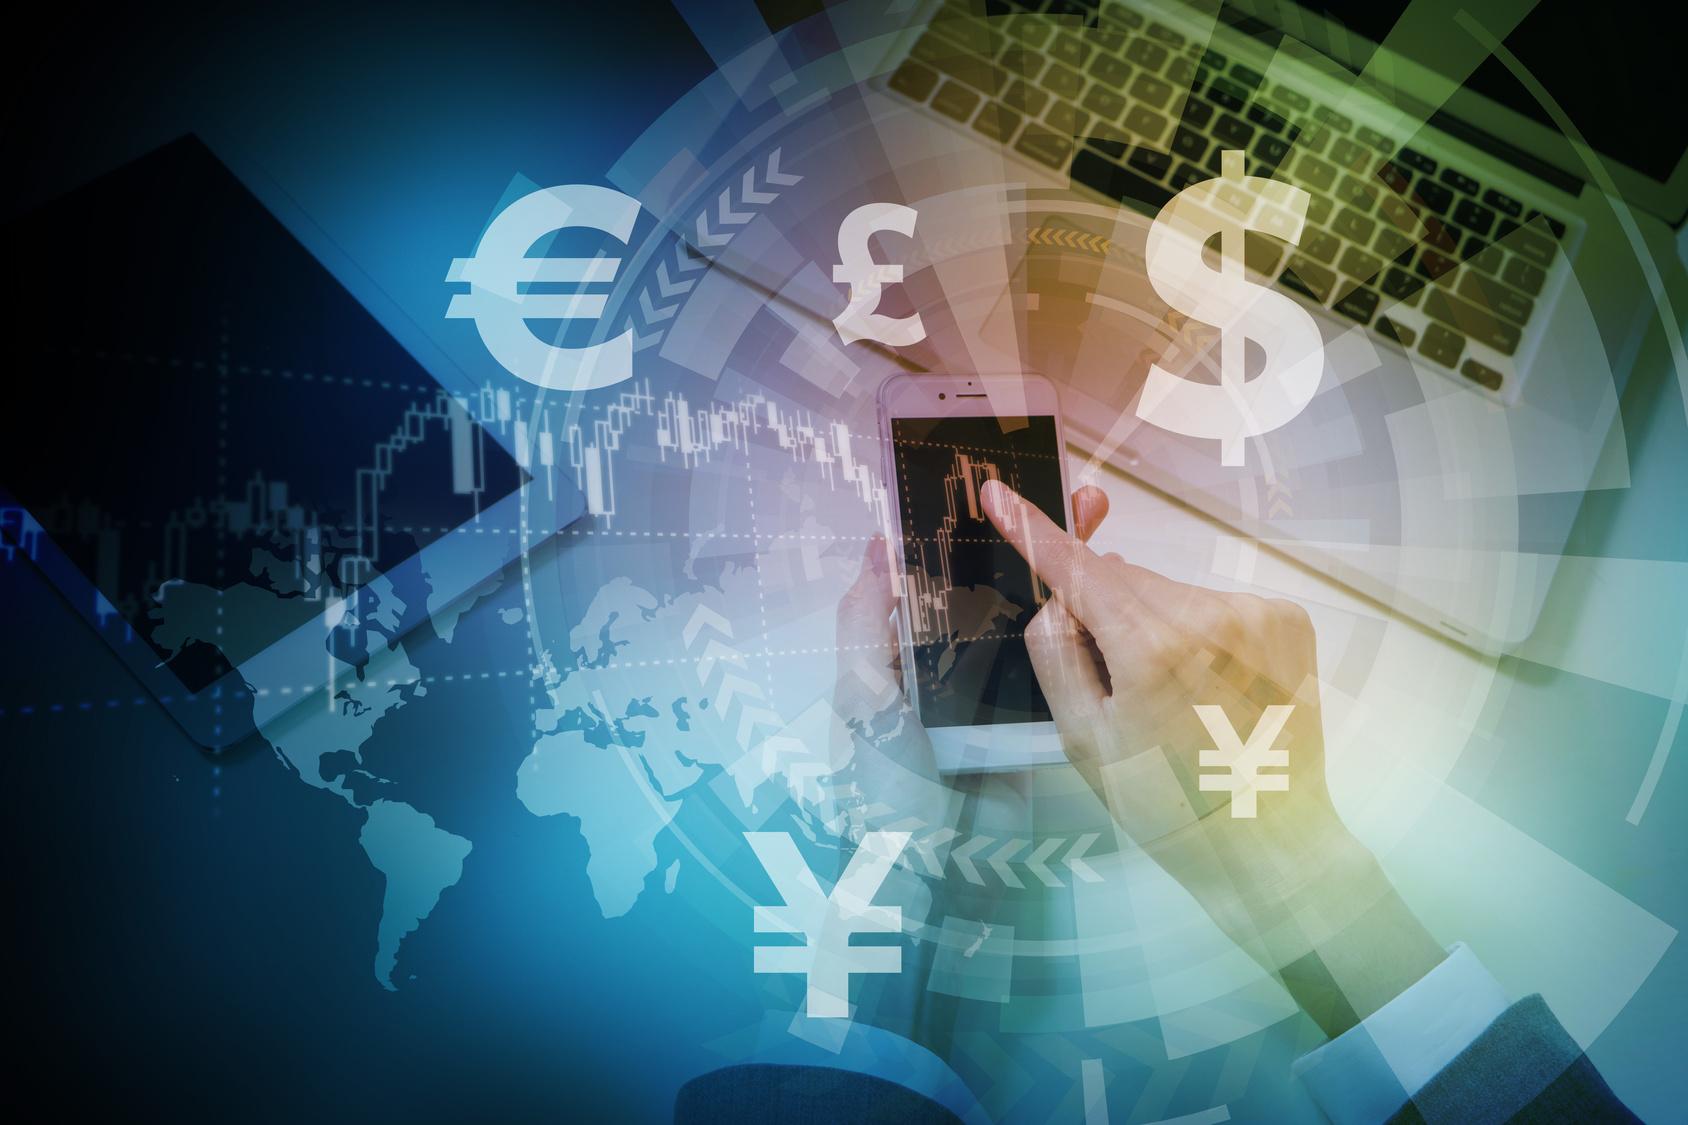 SBI証券のPTS取引の魅力を徹底解説!株式市場が閉まっている時間も取引が出来る魅力的な仕組み。